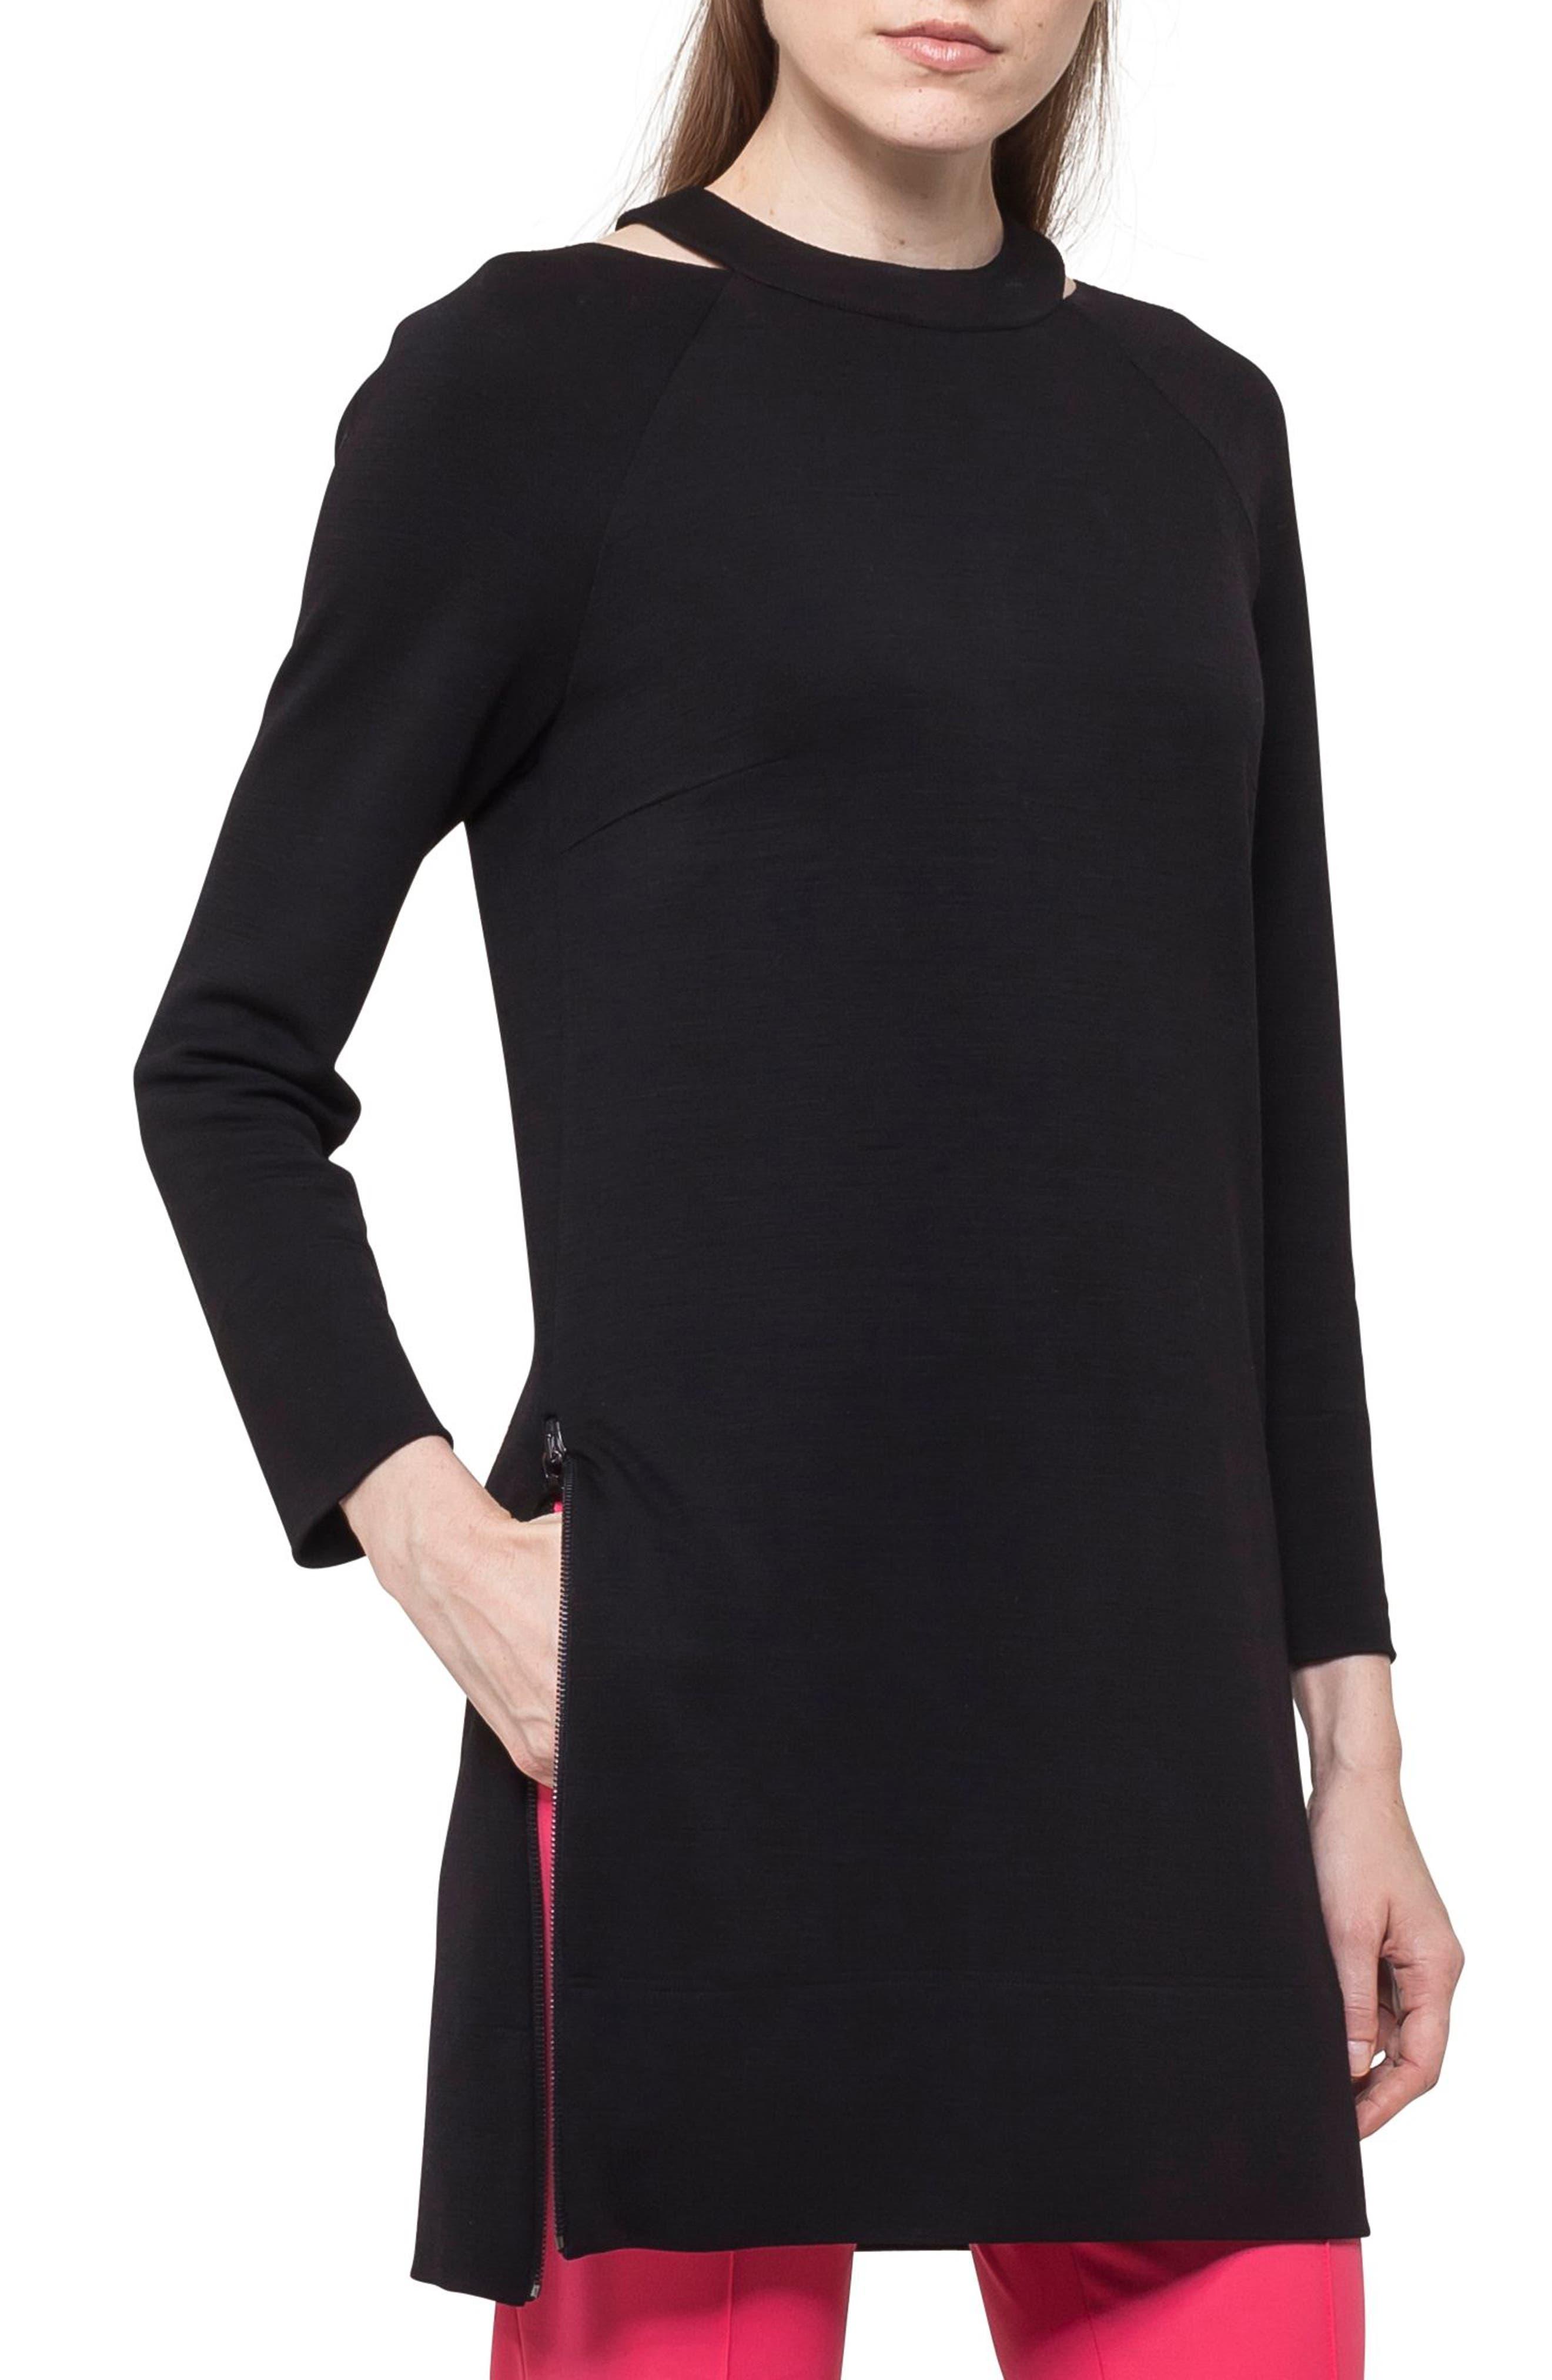 Choker Neck Tunic Dress,                             Main thumbnail 1, color,                             BLACK